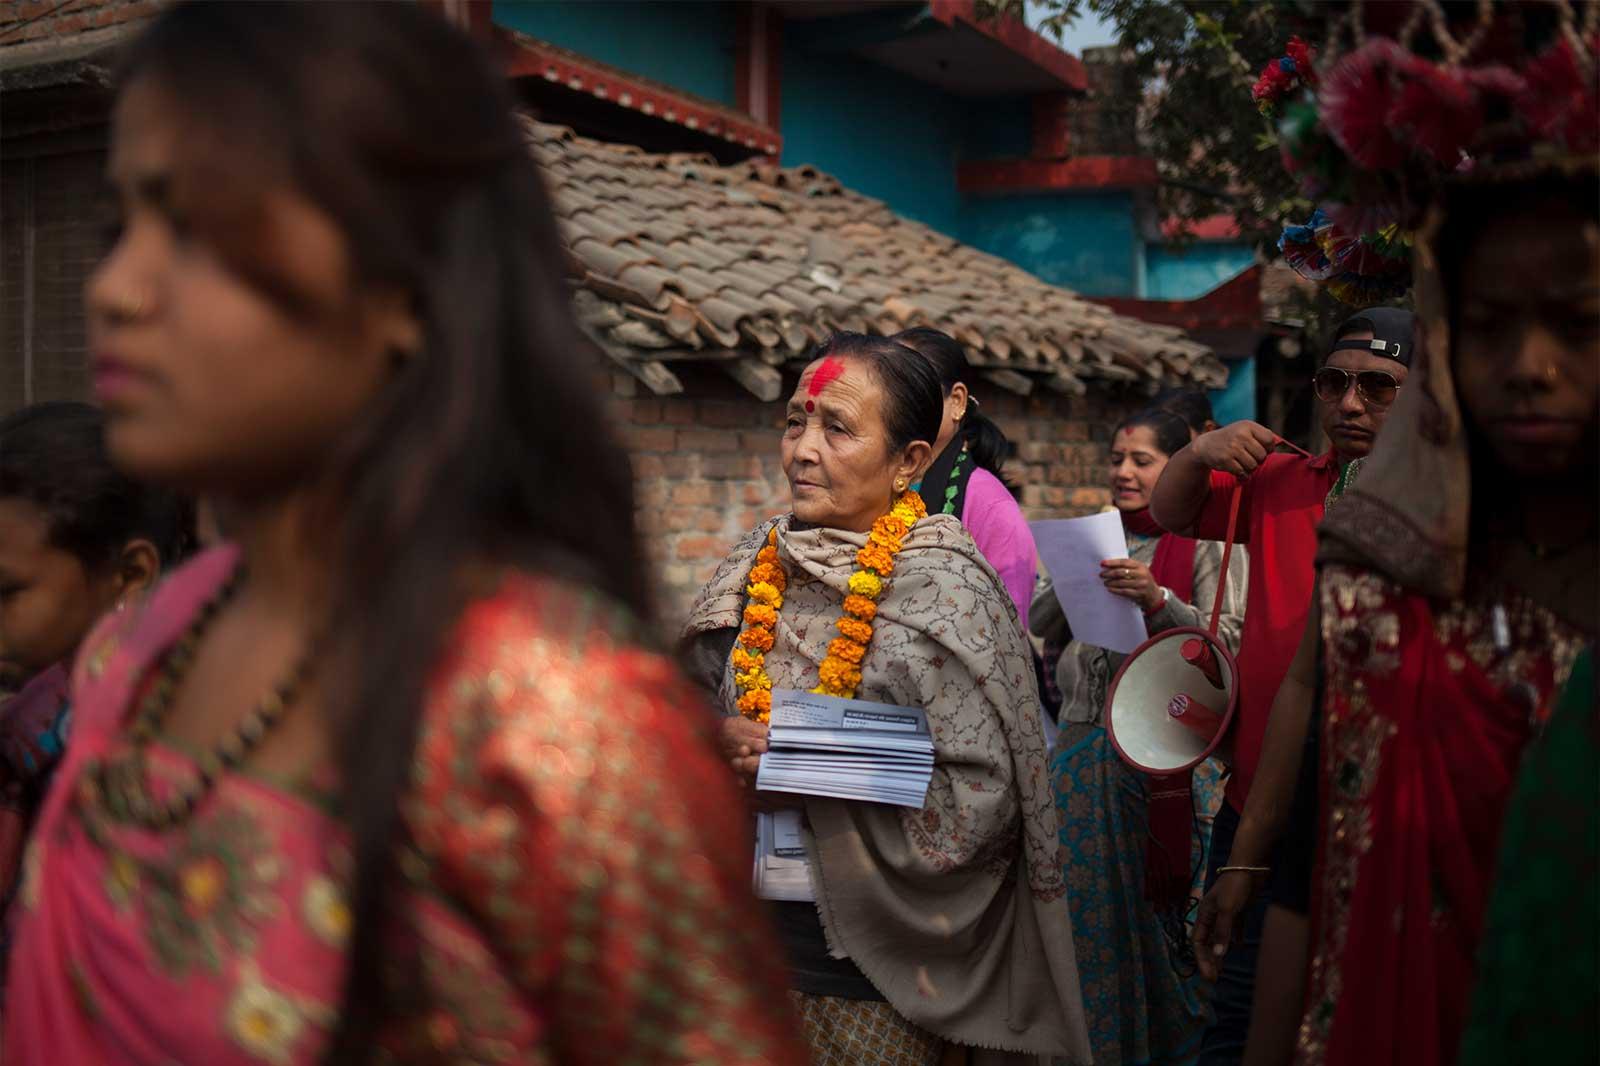 Anuradha Koirala, fundadora y directora de Maiti Nepal, organización socia de Ayuda en Acción en la lucha contra la trata en este país. Desde hace casi un cuarto de siglo combate el tráfico de mujeres, niñas y niños mediante campañas de sensibilización, casas de acogida de menores, o el rescate, asistencia legal y la rehabilitación de víctimas.